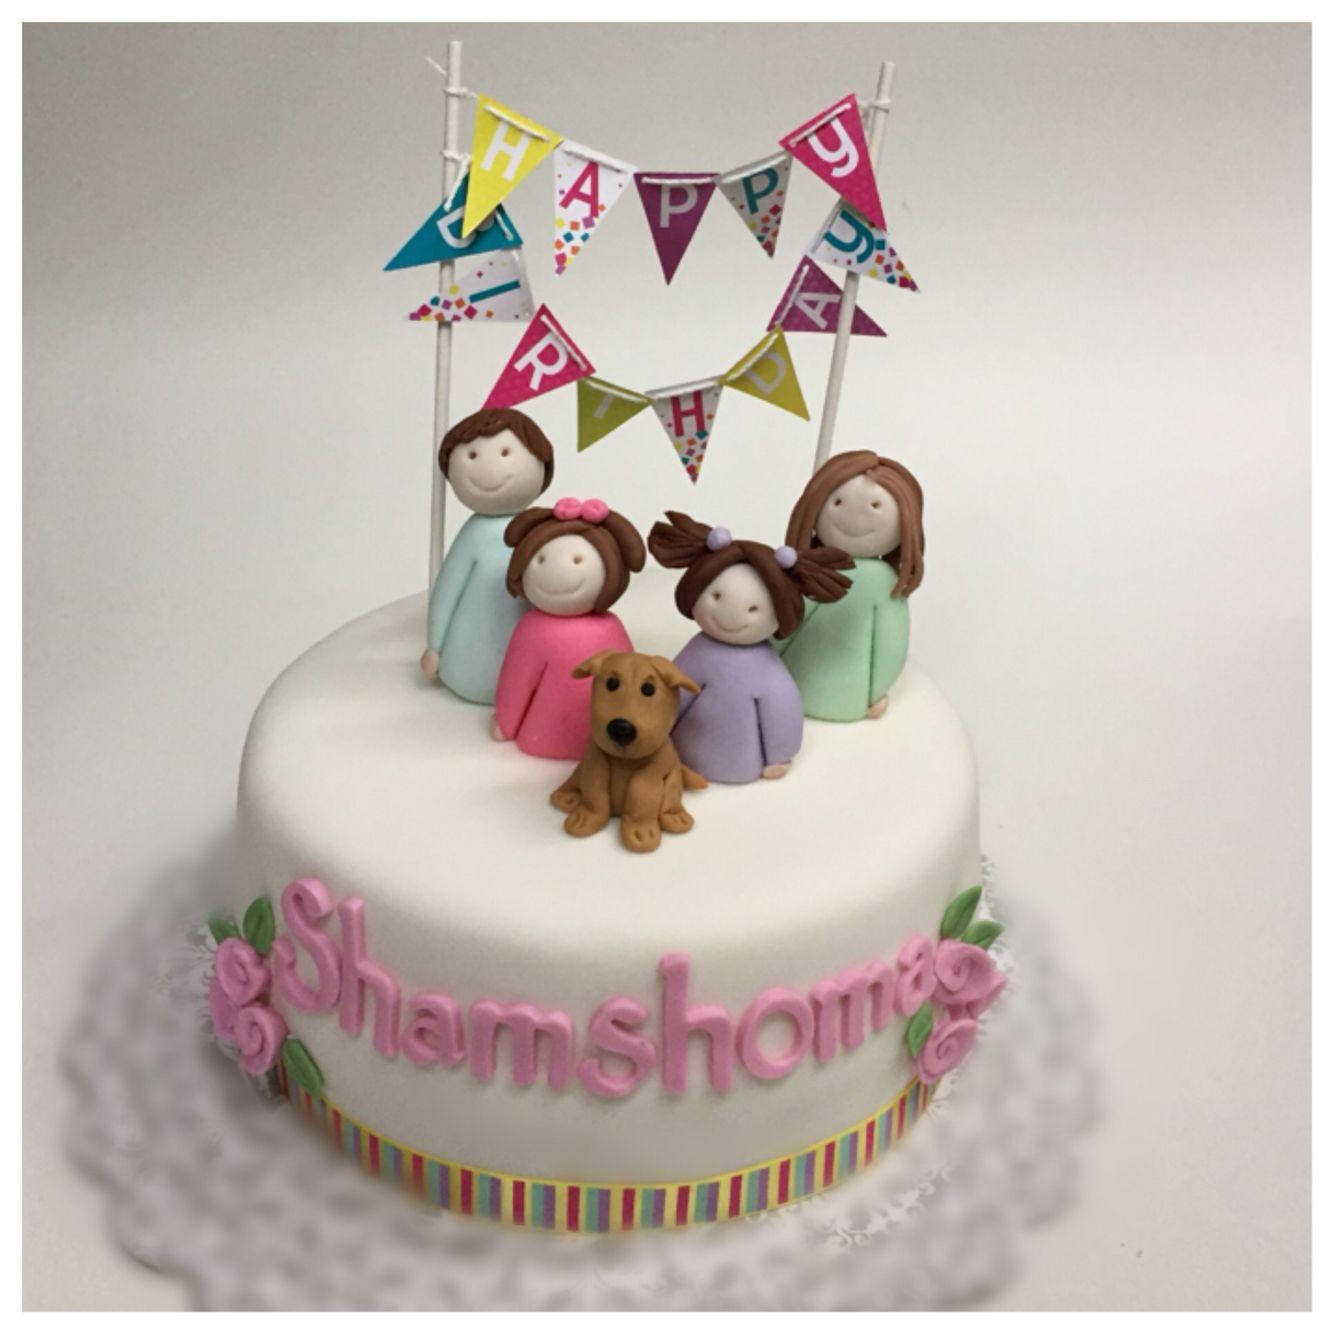 Surprising Happy Family Fun Birthday Cake Cake Birthday Cake Cool Funny Birthday Cards Online Bapapcheapnameinfo